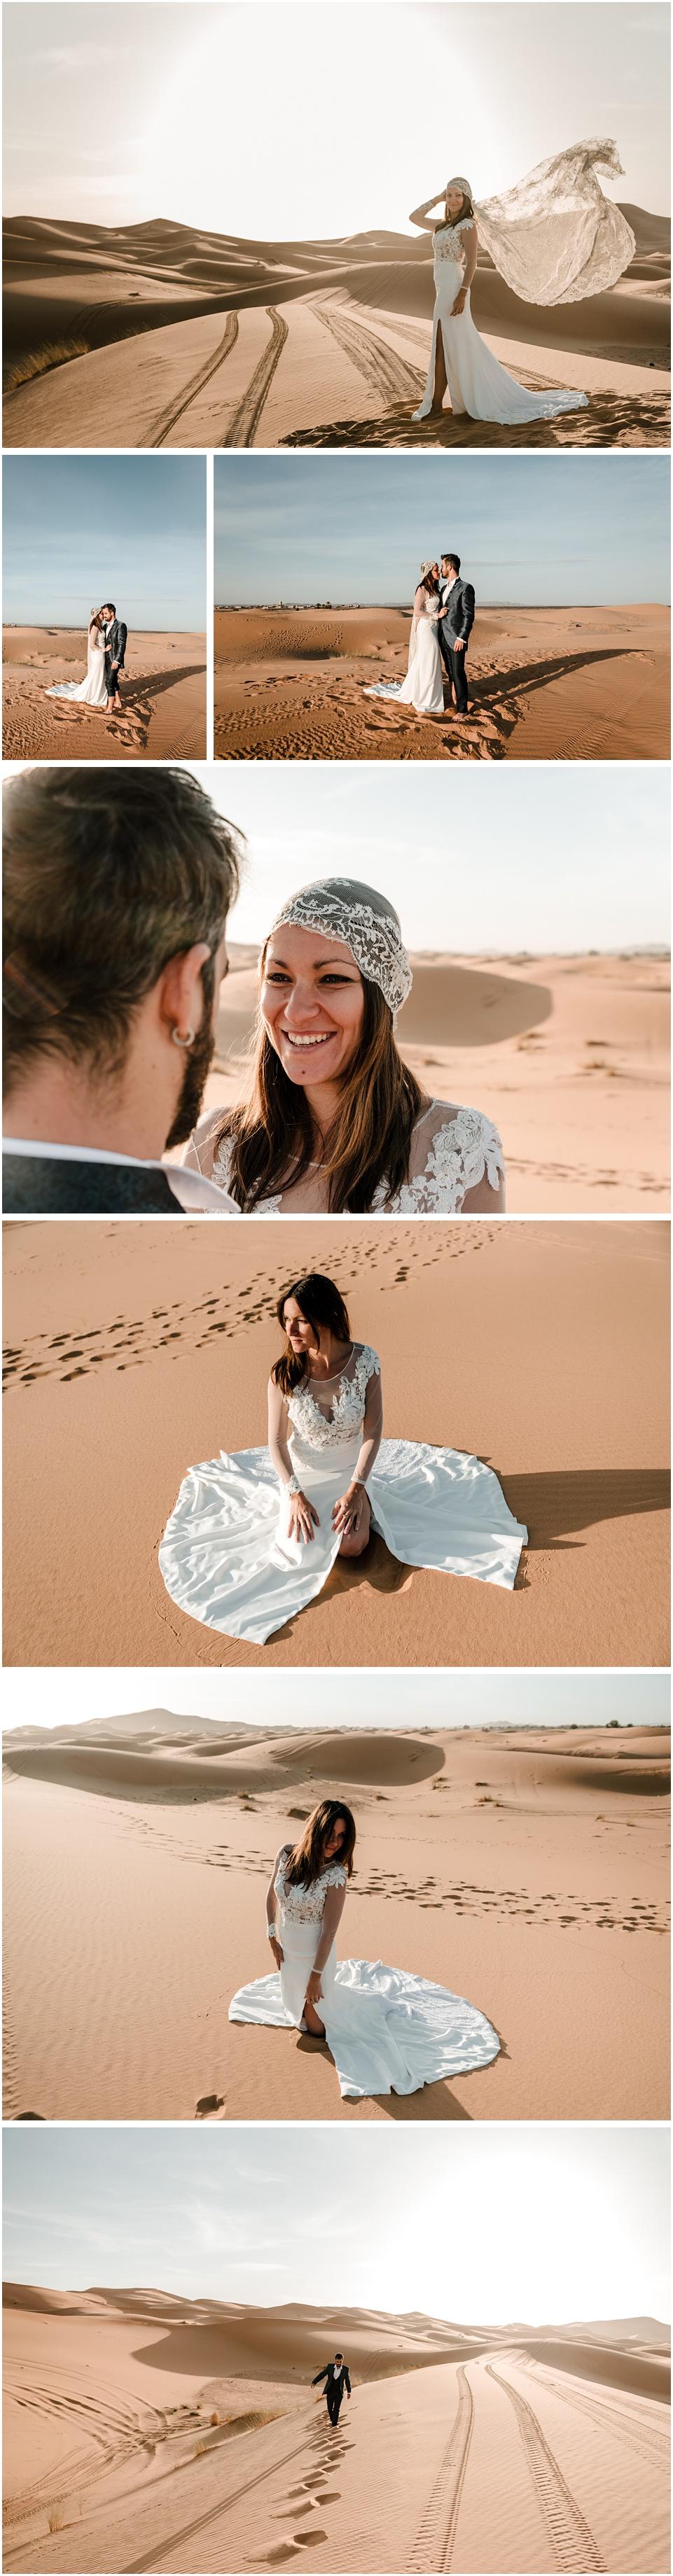 sesion de fotos en el desierto del sáhara